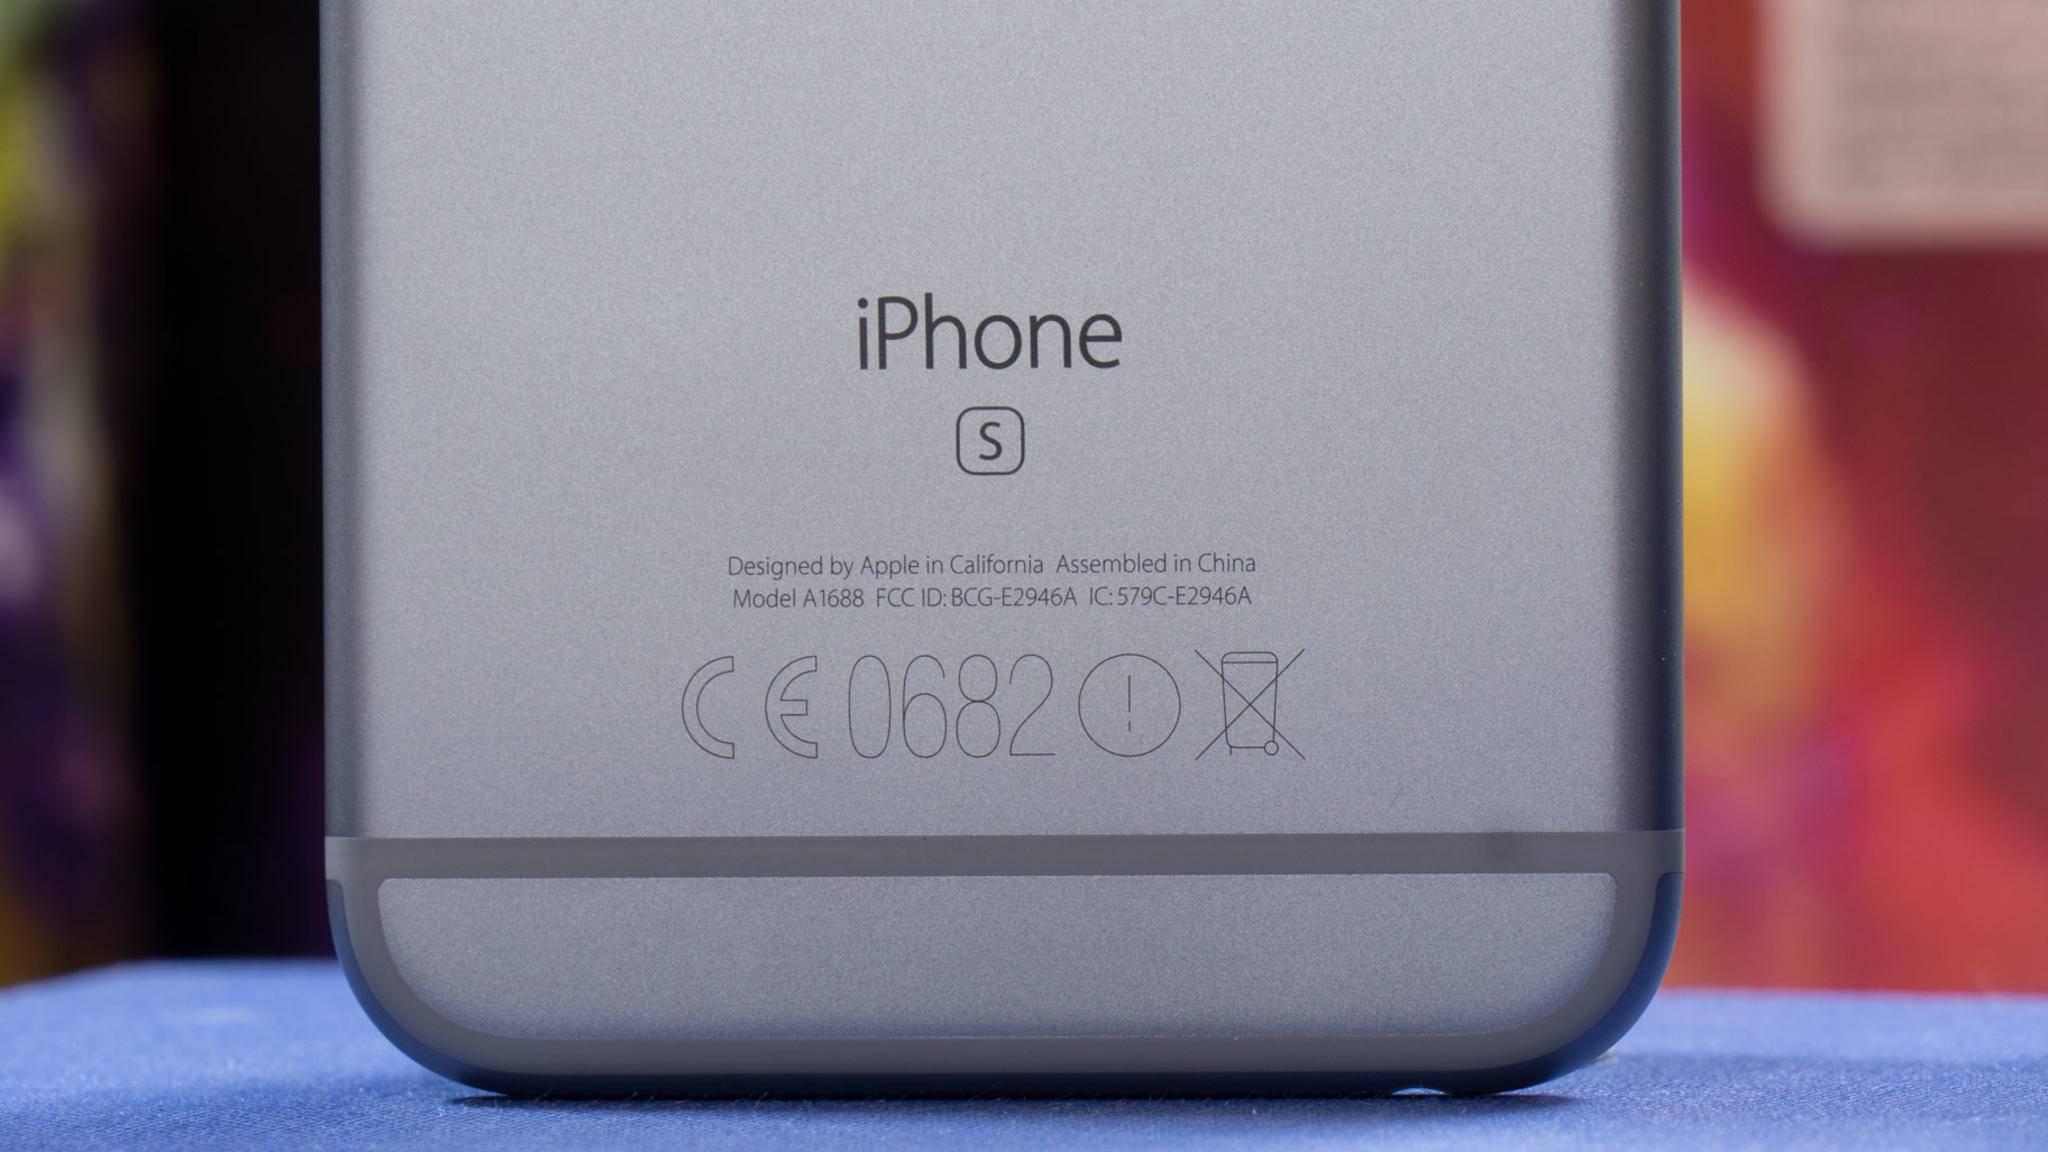 Mit iOS 10.2.1 sollen die Akku-Probleme beim iPhone 6s weitgehend der Vergangenheit angehören.